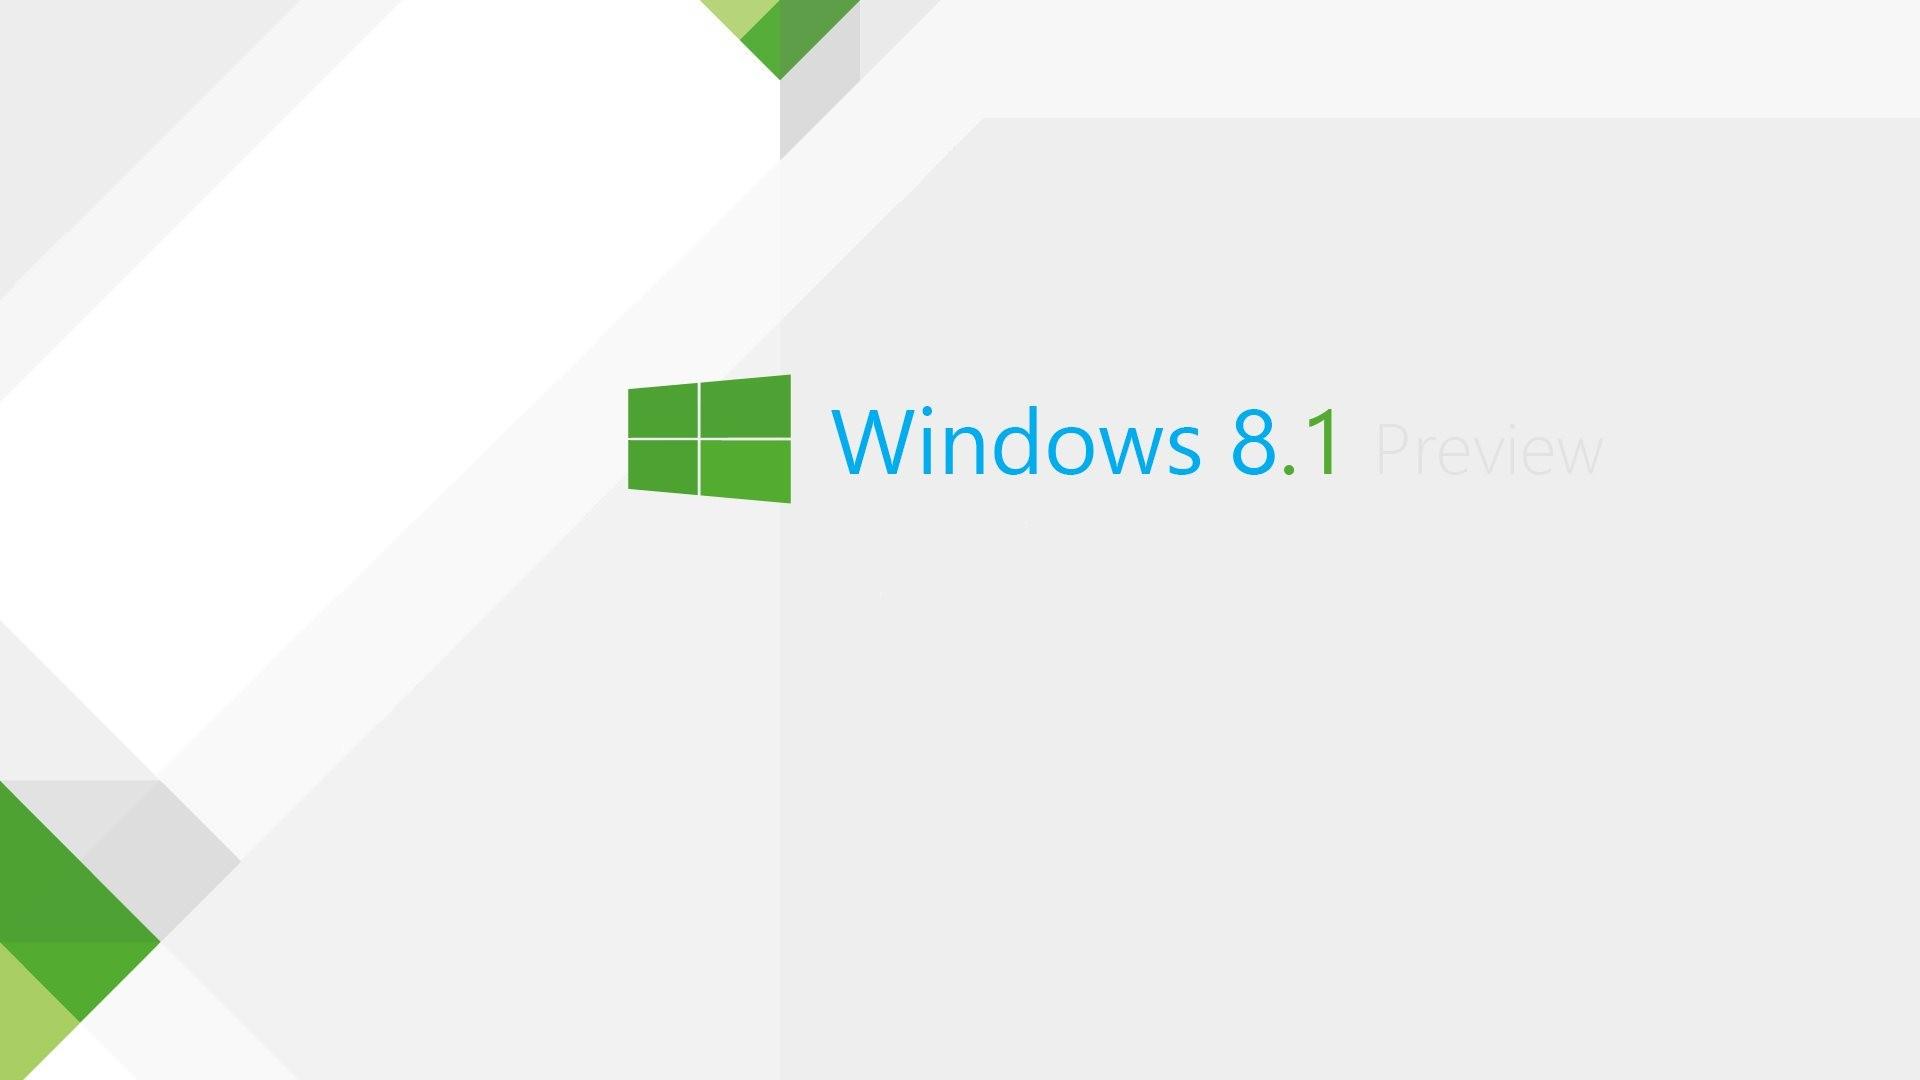 #w133659 Free Hd Windows 8 Wallpaper Px - Windows 8.1 Full Hd - HD Wallpaper